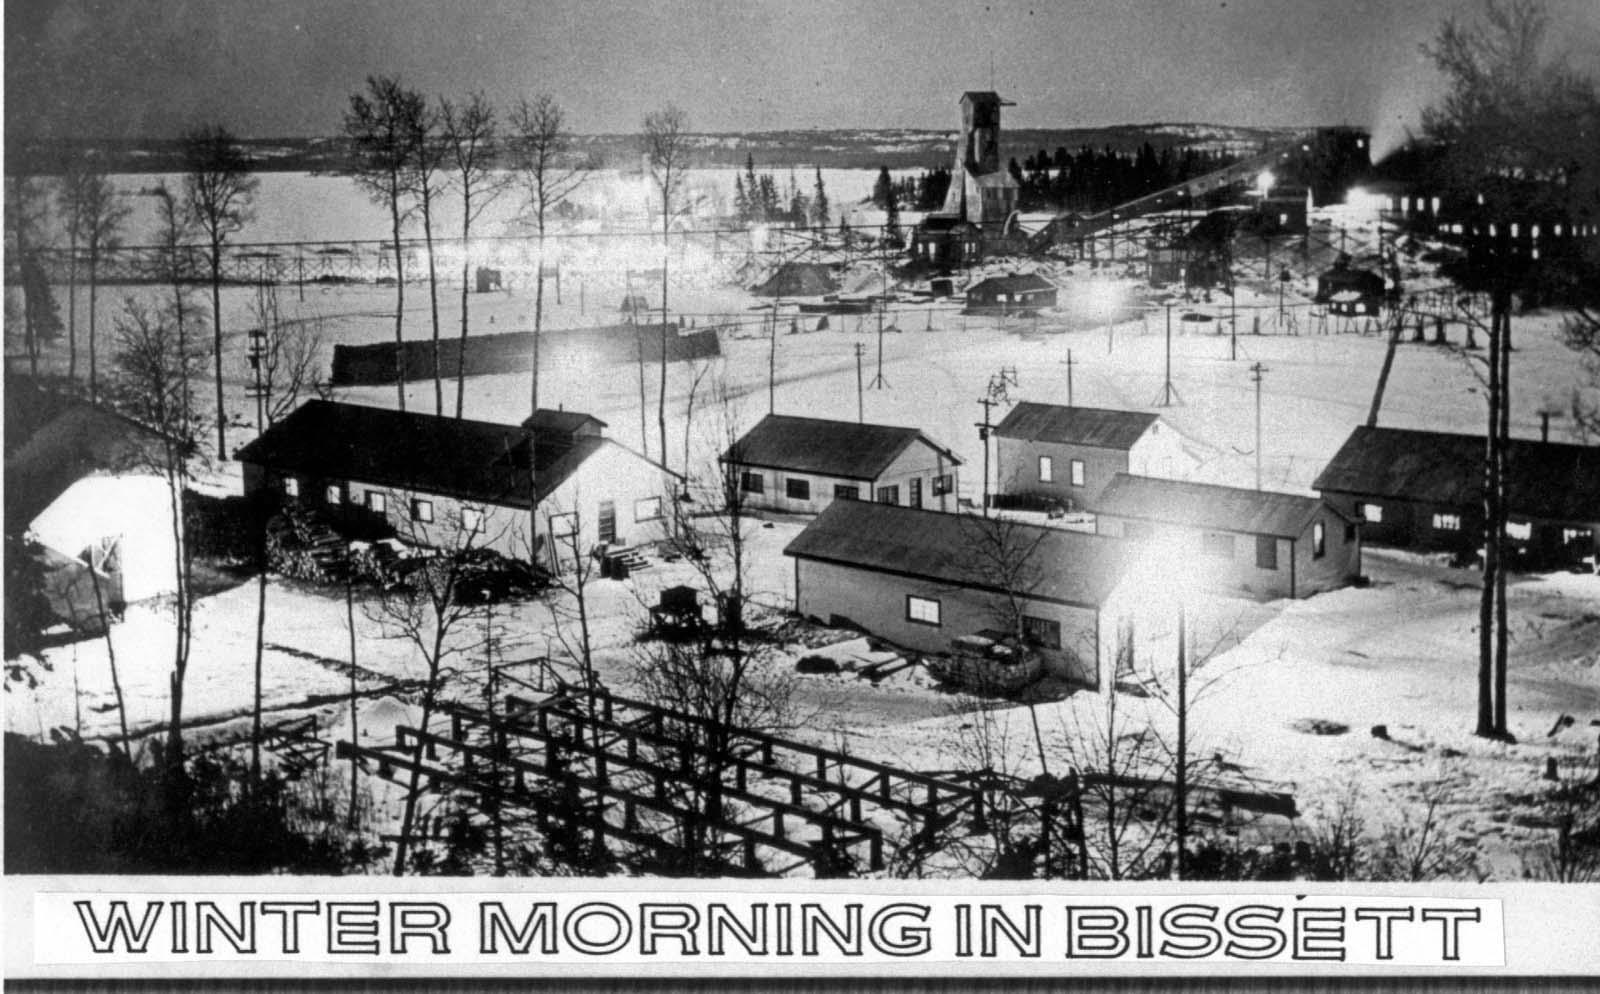 bissett-winter-morning